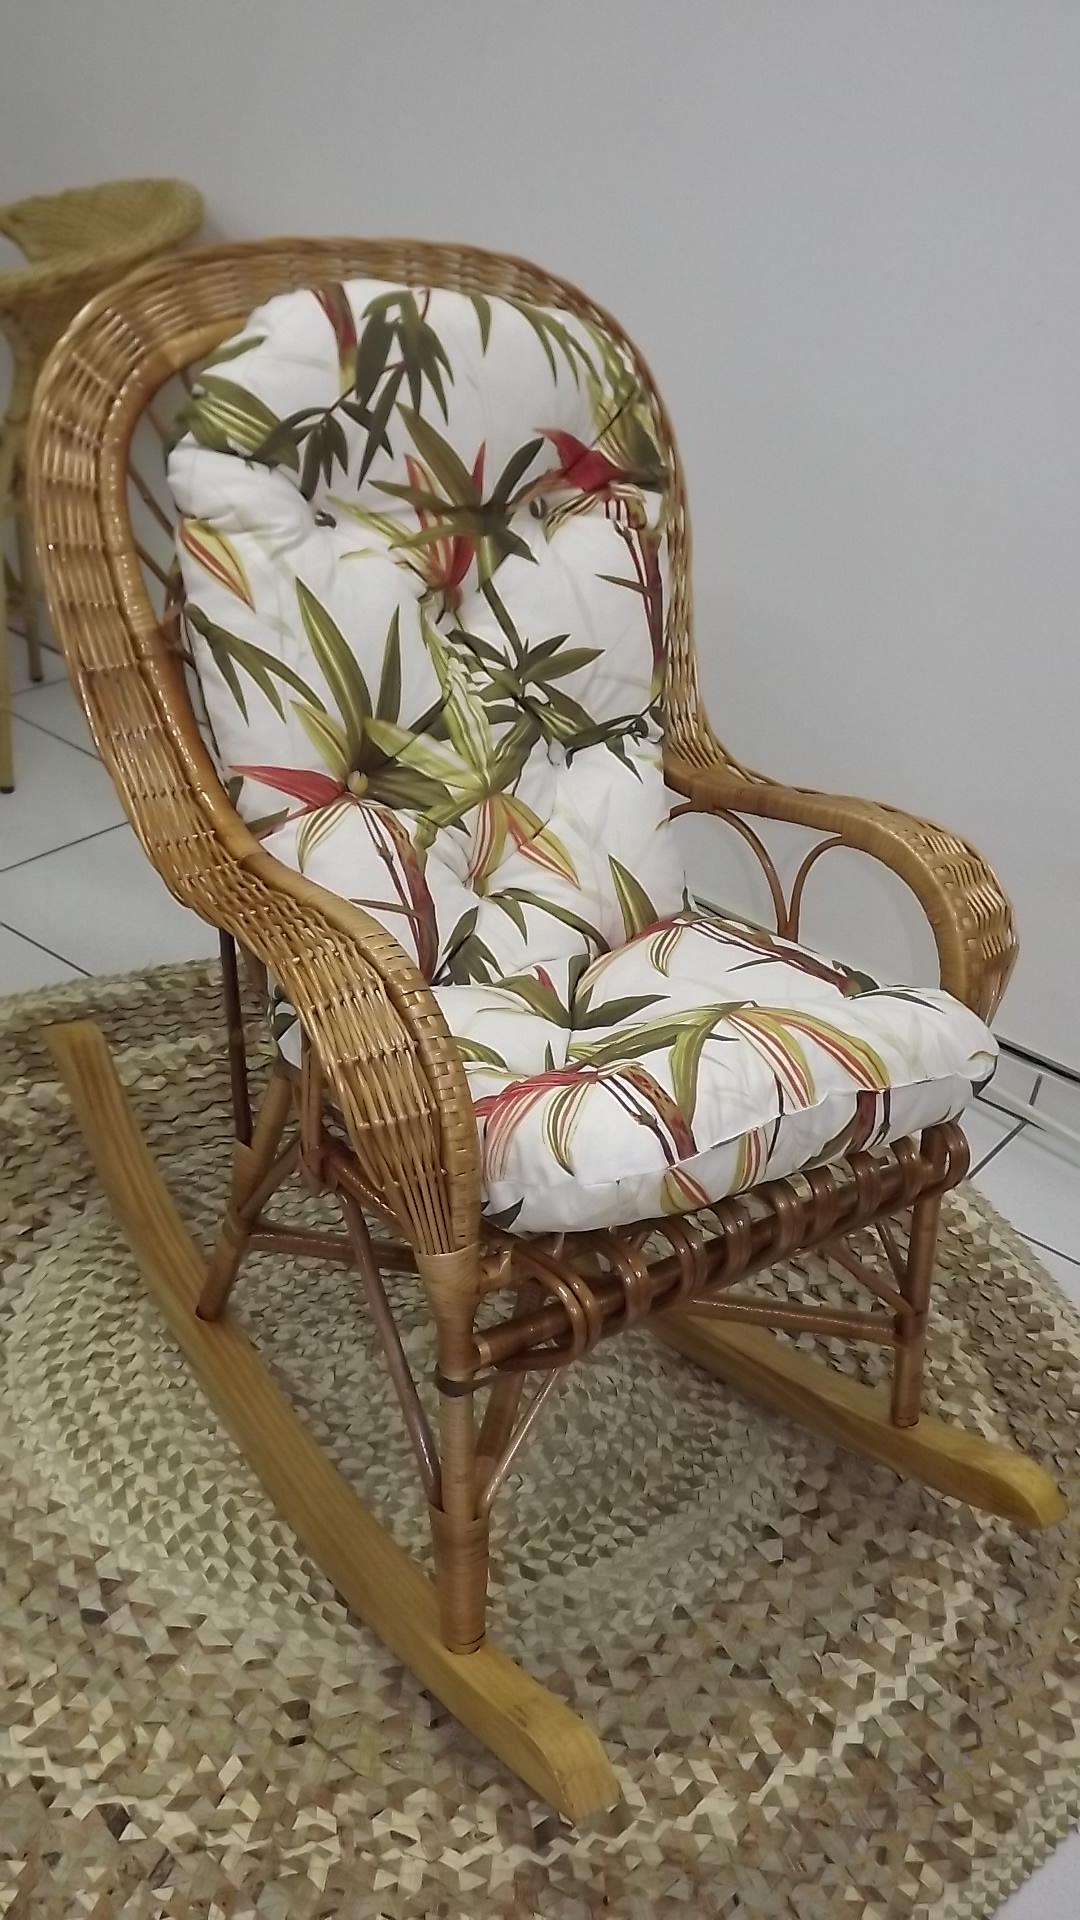 Almofada Cadeira de Balanço em Vime c/ Almofada Cadeira de Balanço #473523 1080x1920